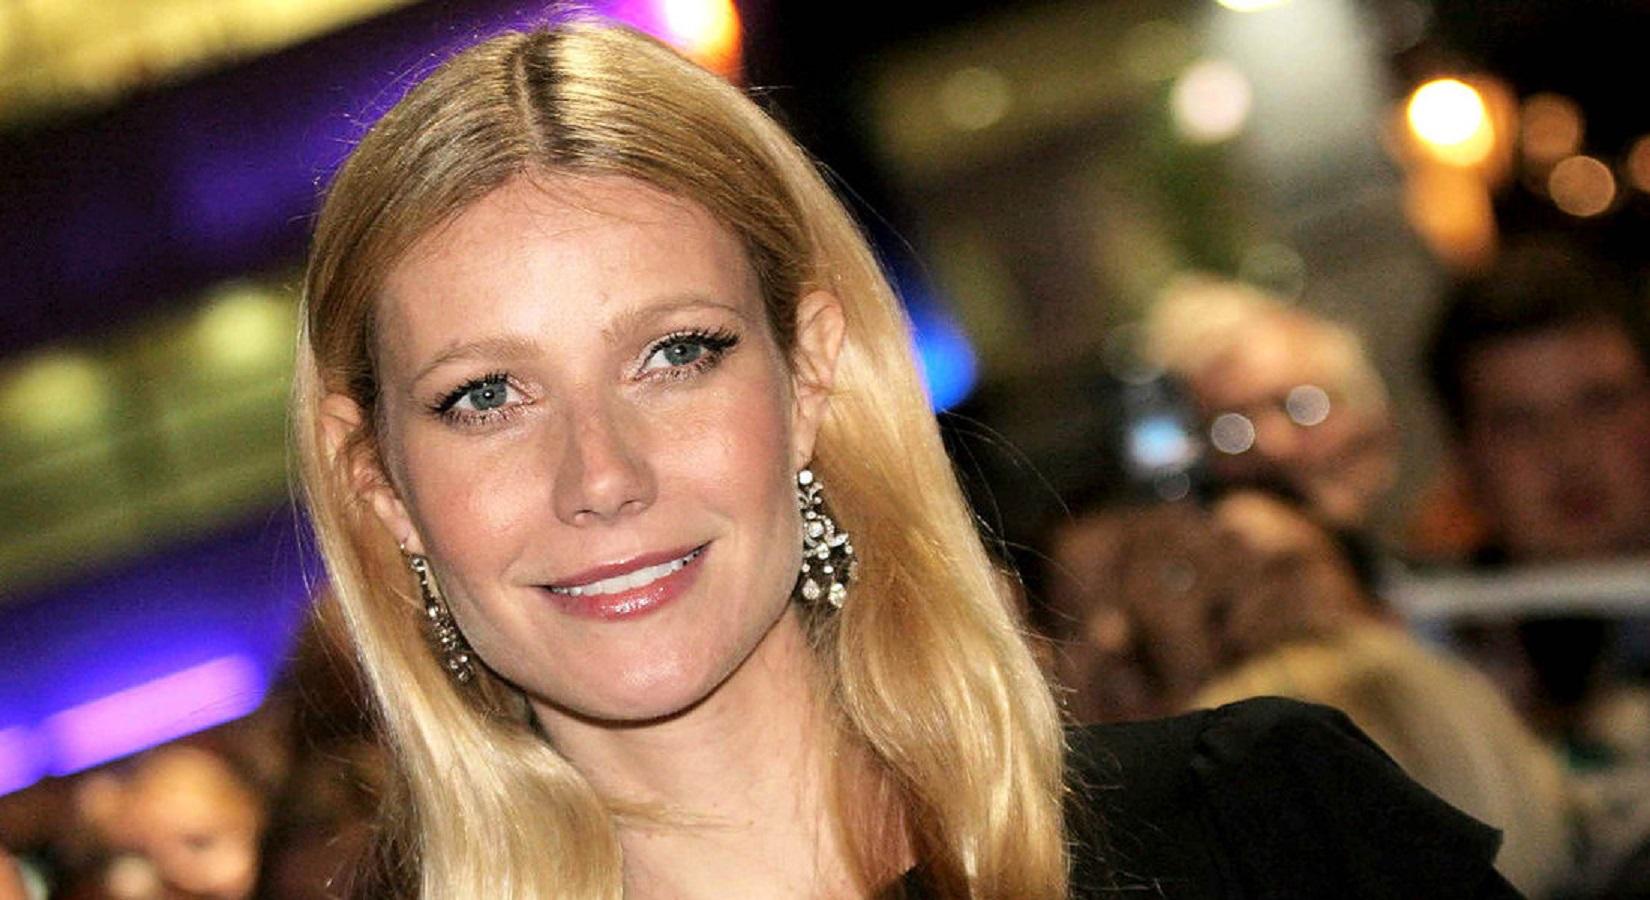 La dieta di Gwyneth Paltrow: i cibi perfetti per dimagrire